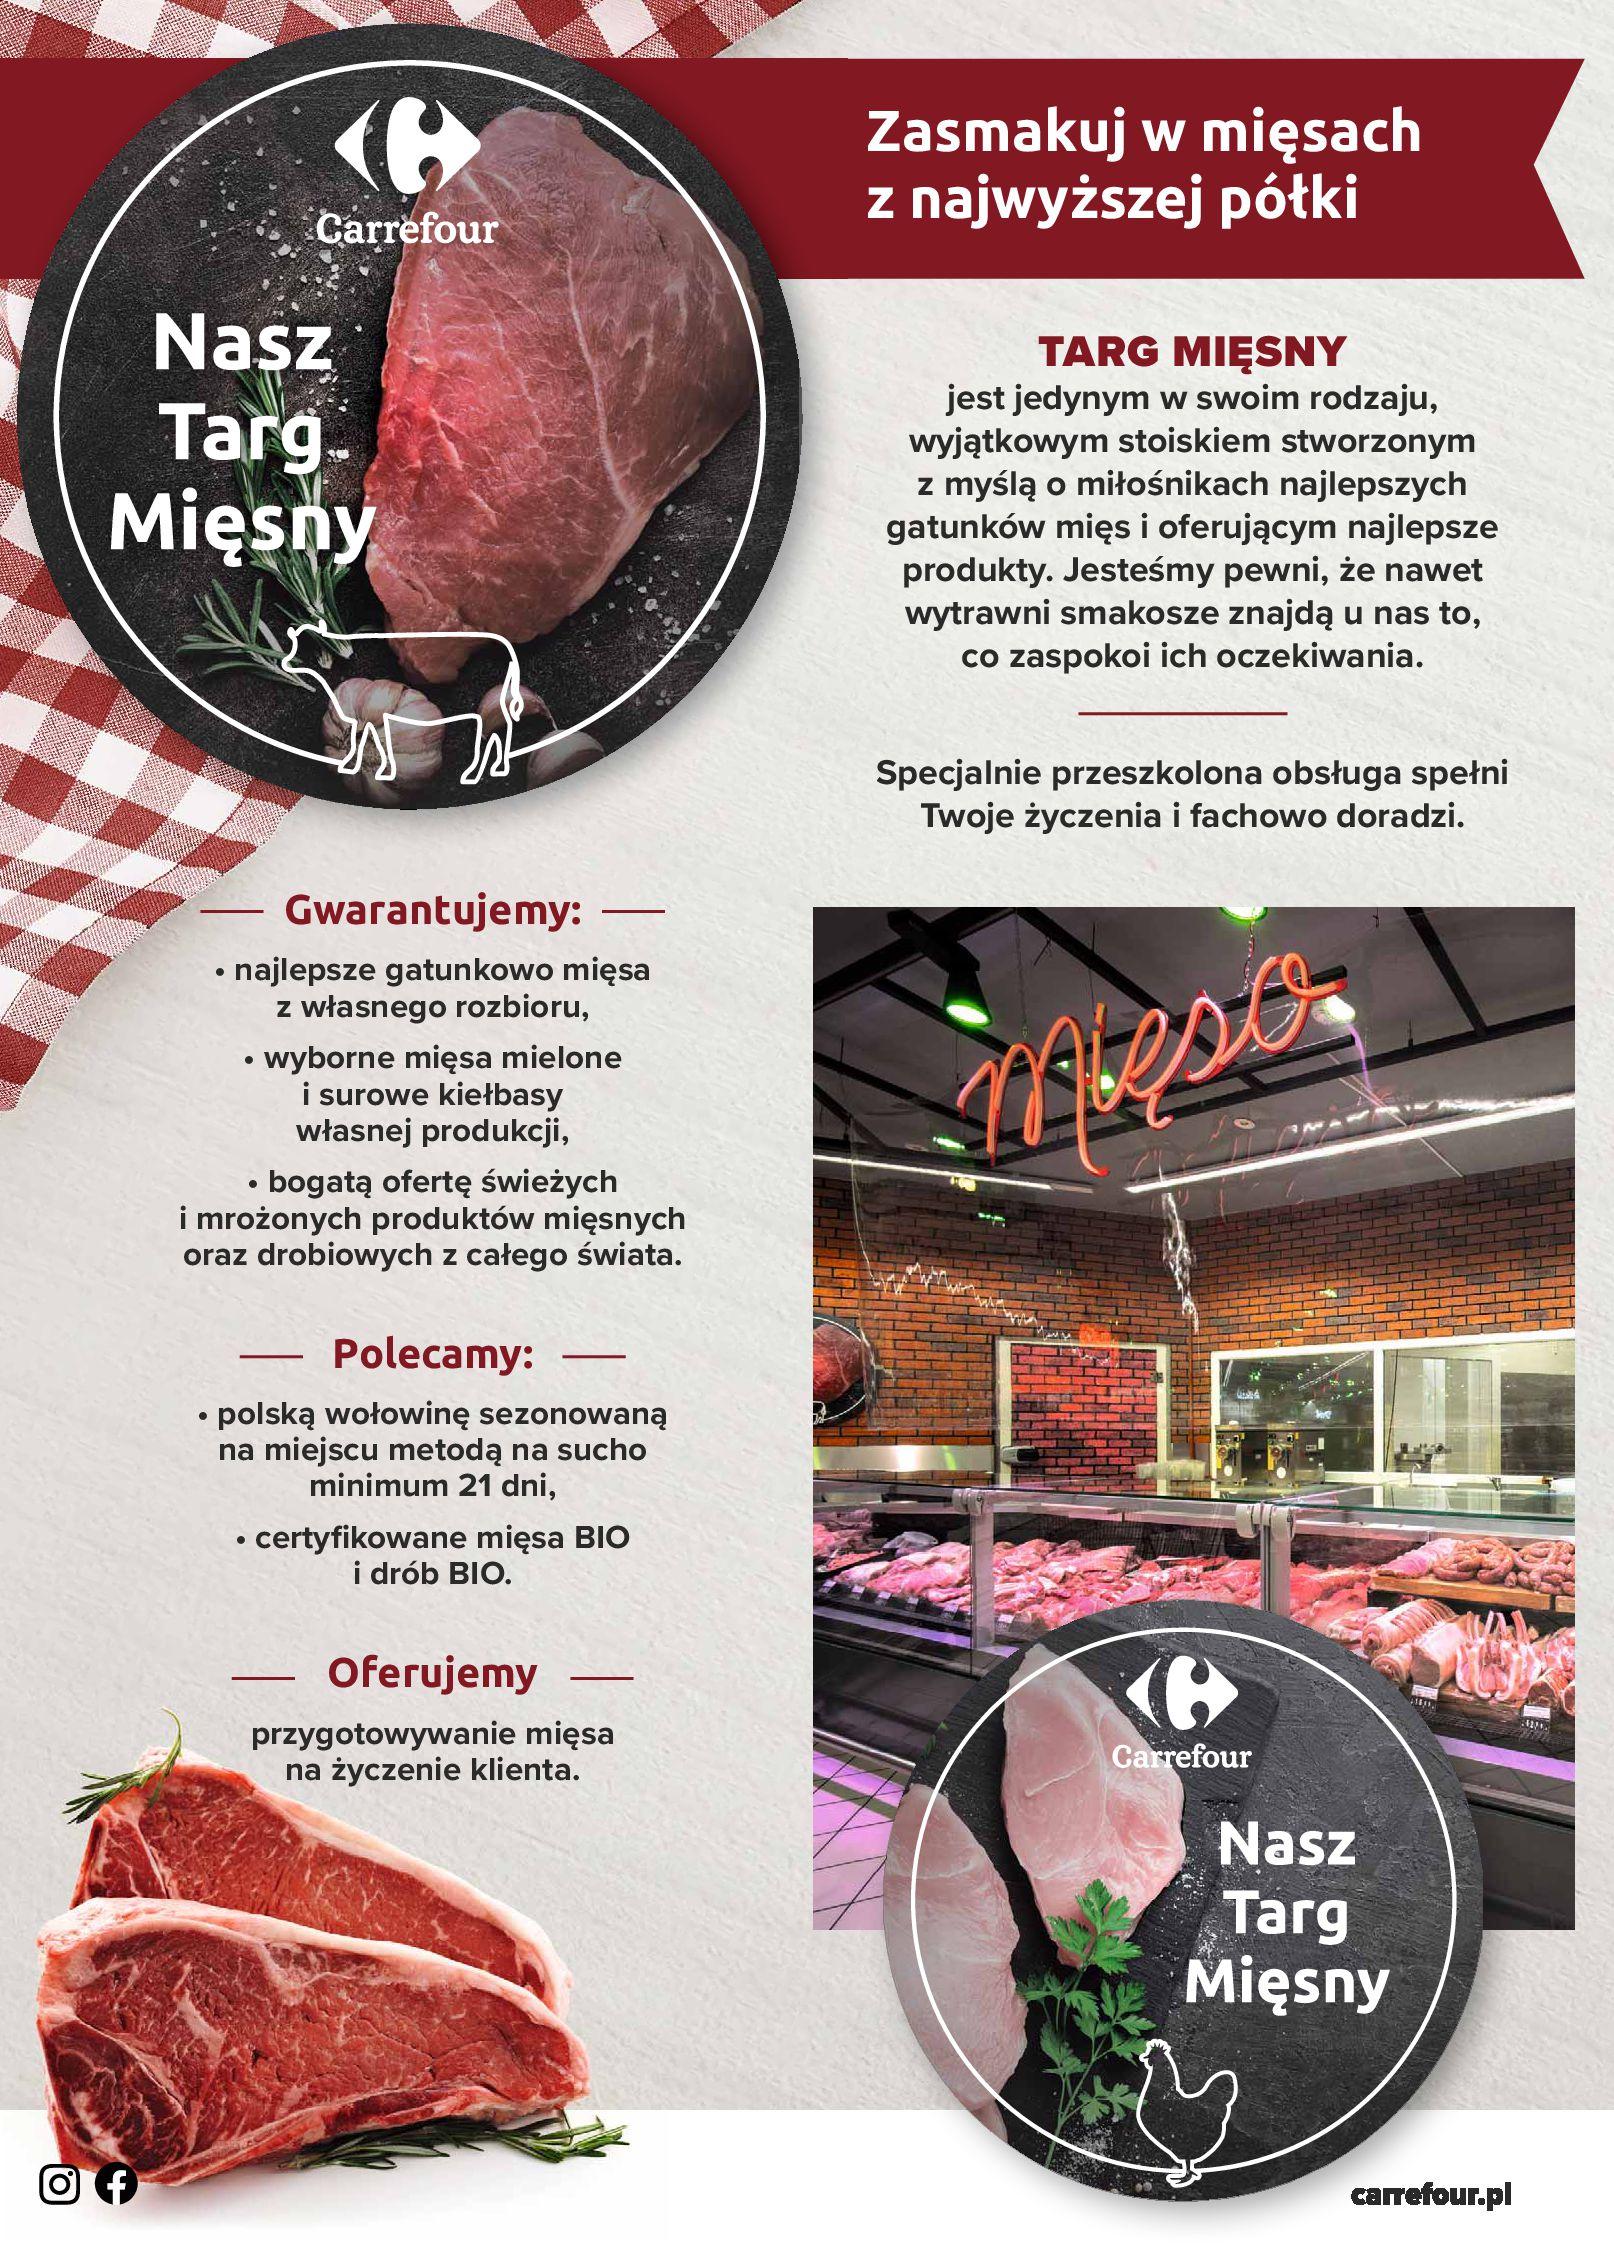 Gazetka Carrefour: Targi Mięsa - Carrefour 2021-01-04 page-1